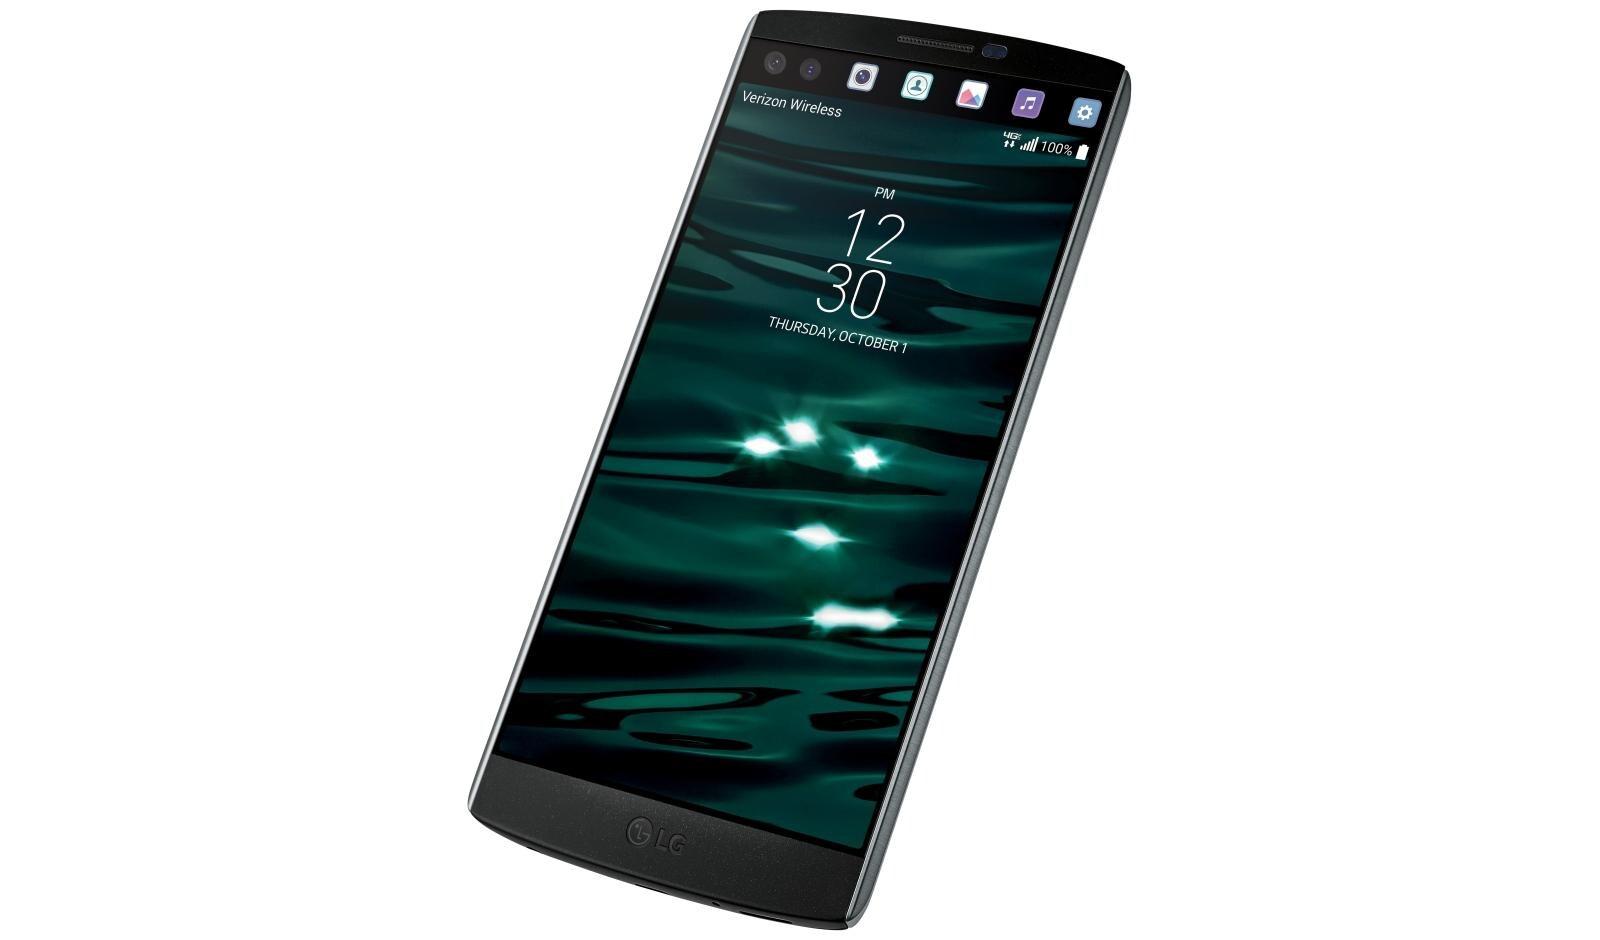 Lg V10 Smartphone Verizon Wireless In Space Black Usa Wiring Diagram